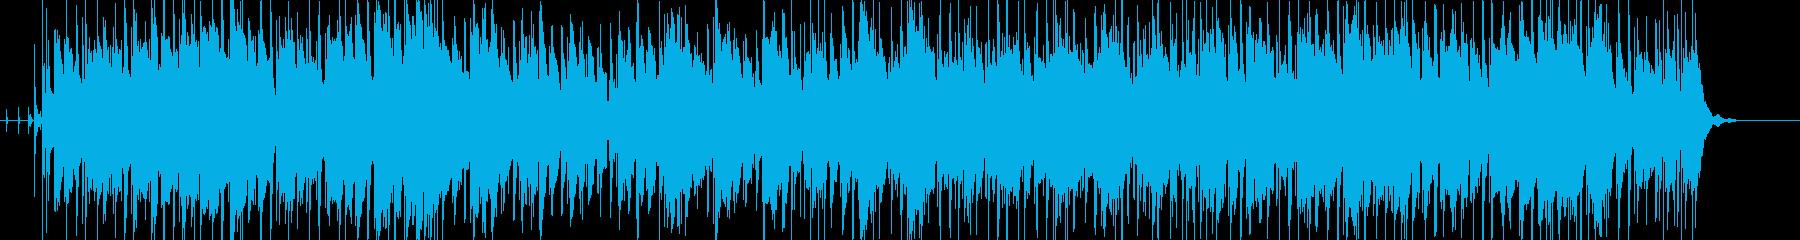 少しファンクなアンビエントダンスナンバーの再生済みの波形